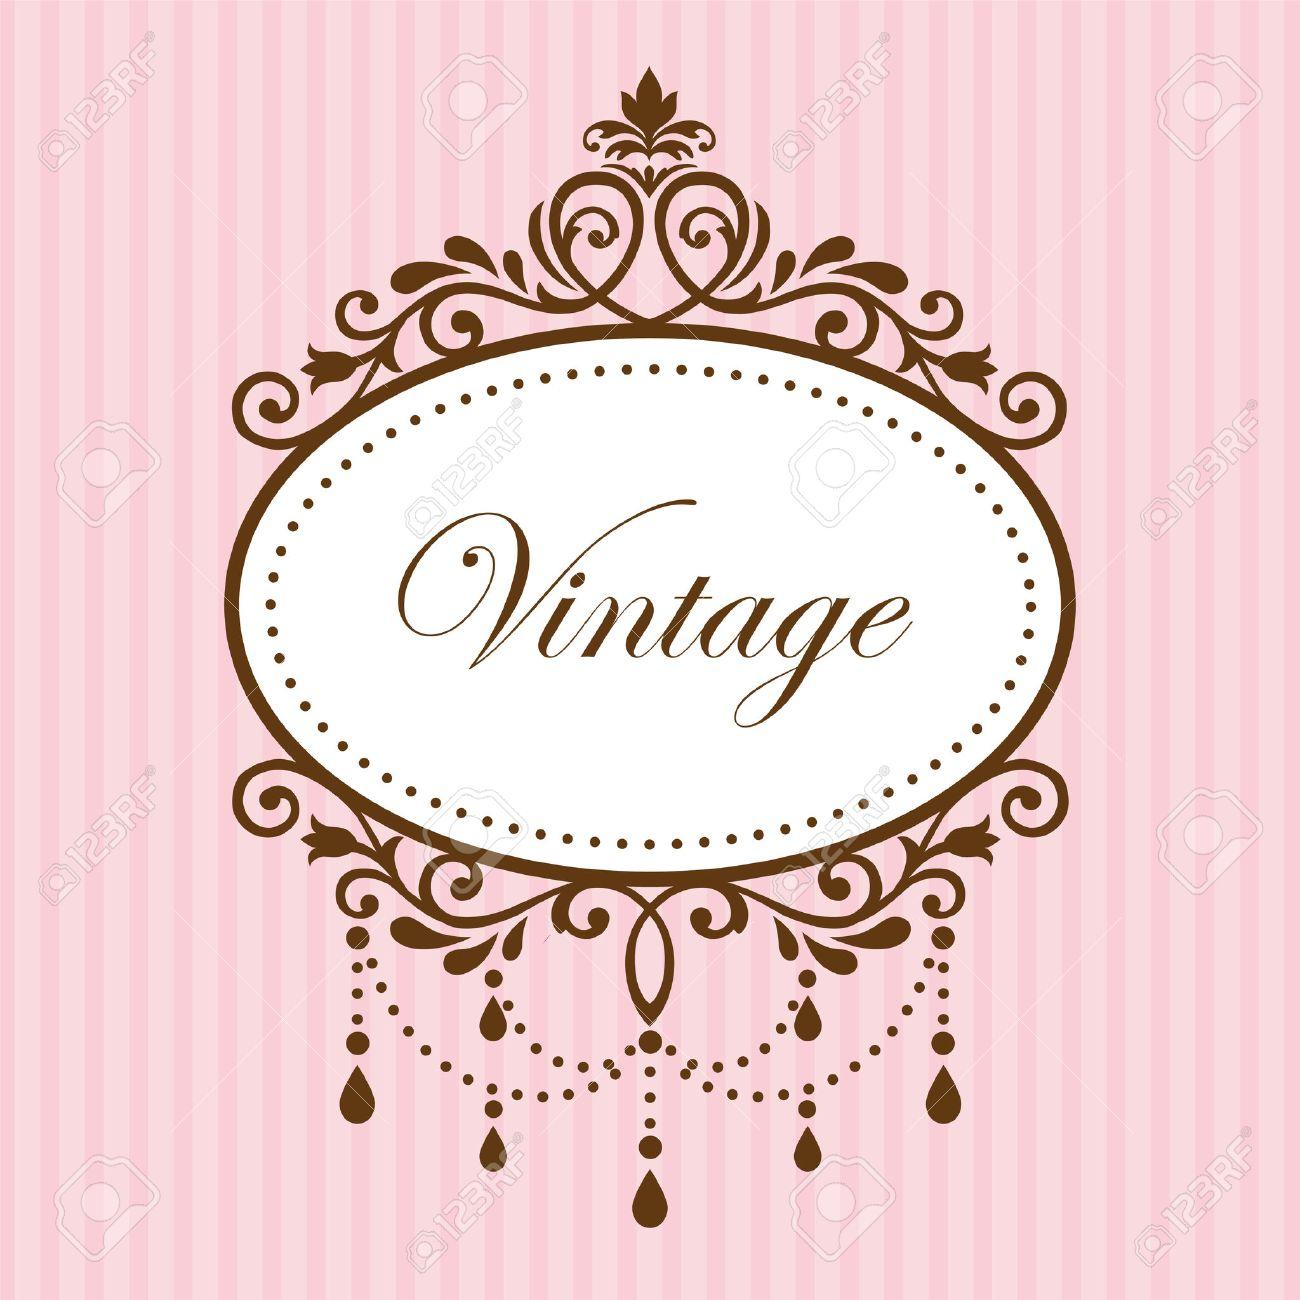 229dead92ebd Chandelier Vintage Frame On Pink Background Royalty Free Cliparts ...